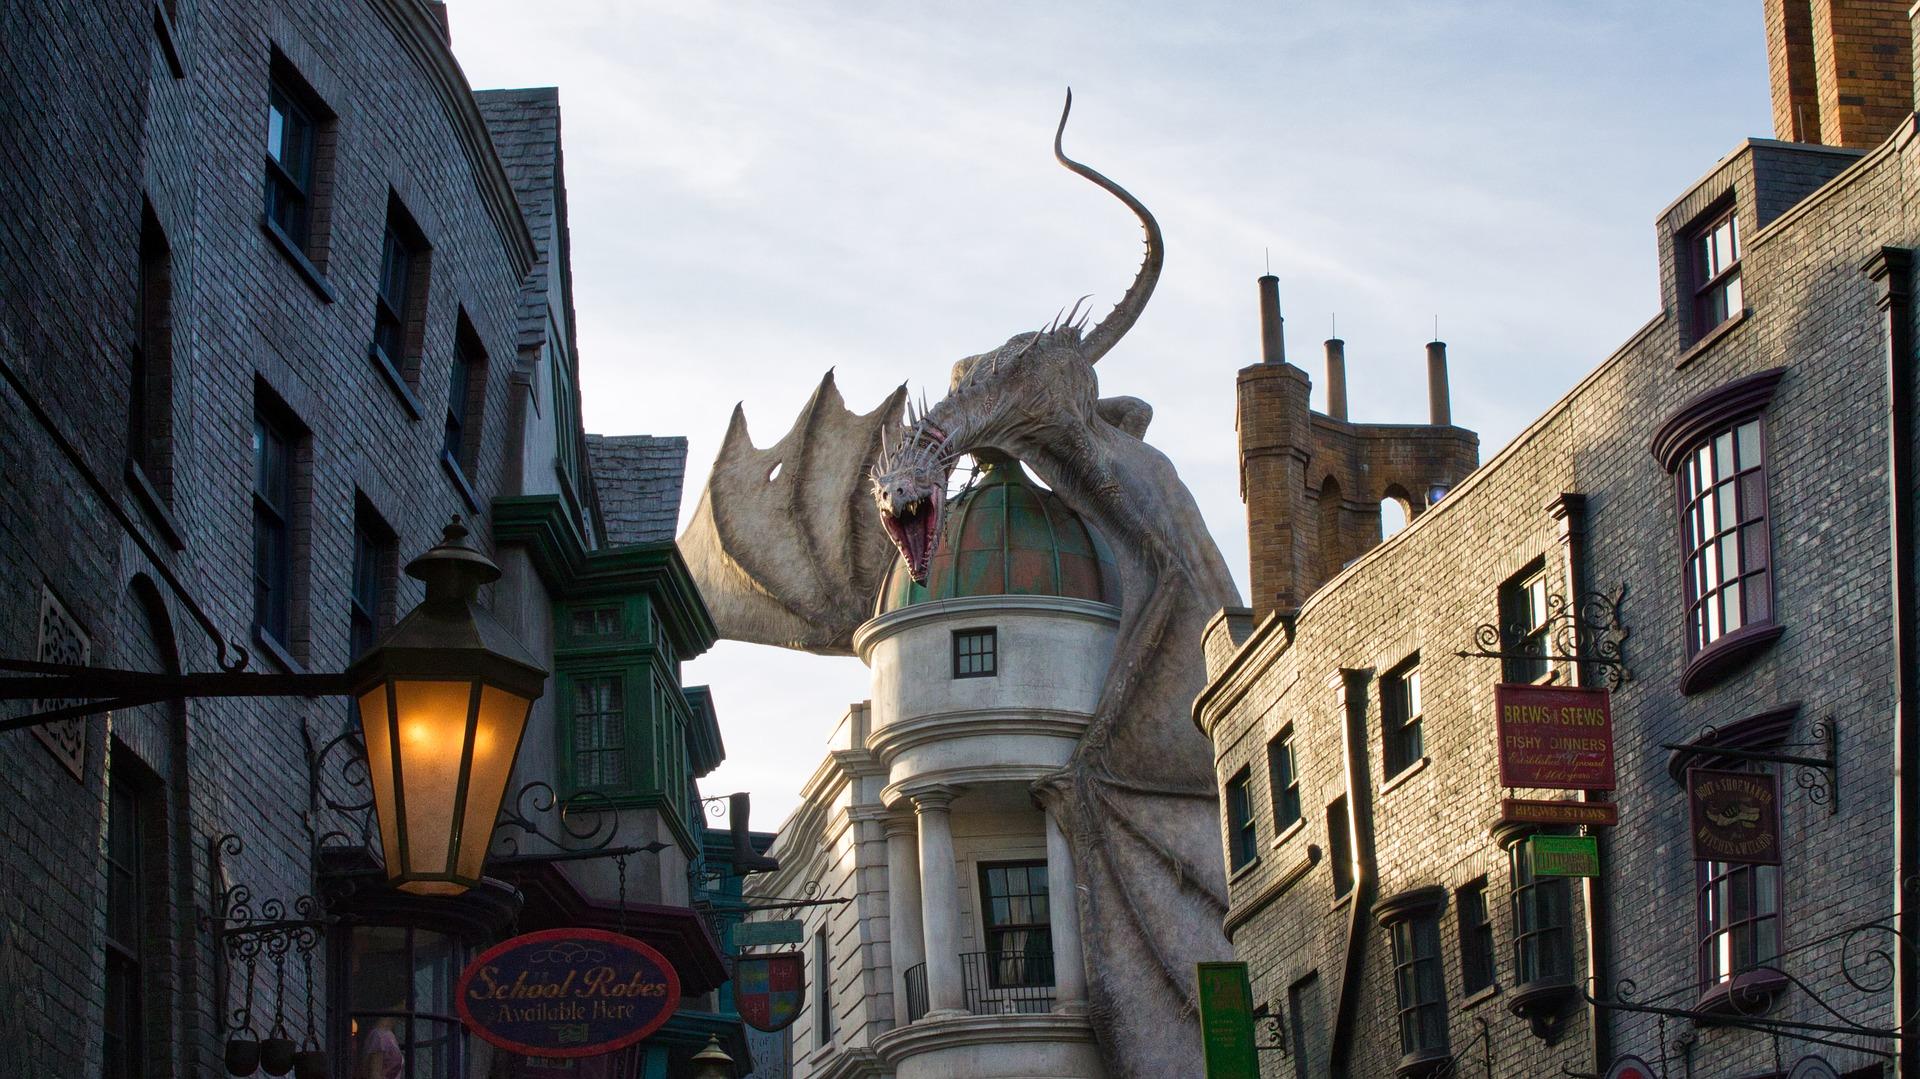 Universal Studios Reise - Tour durch die Kulissen von J.K Rowling in London - Harry Potter Schnäppchen